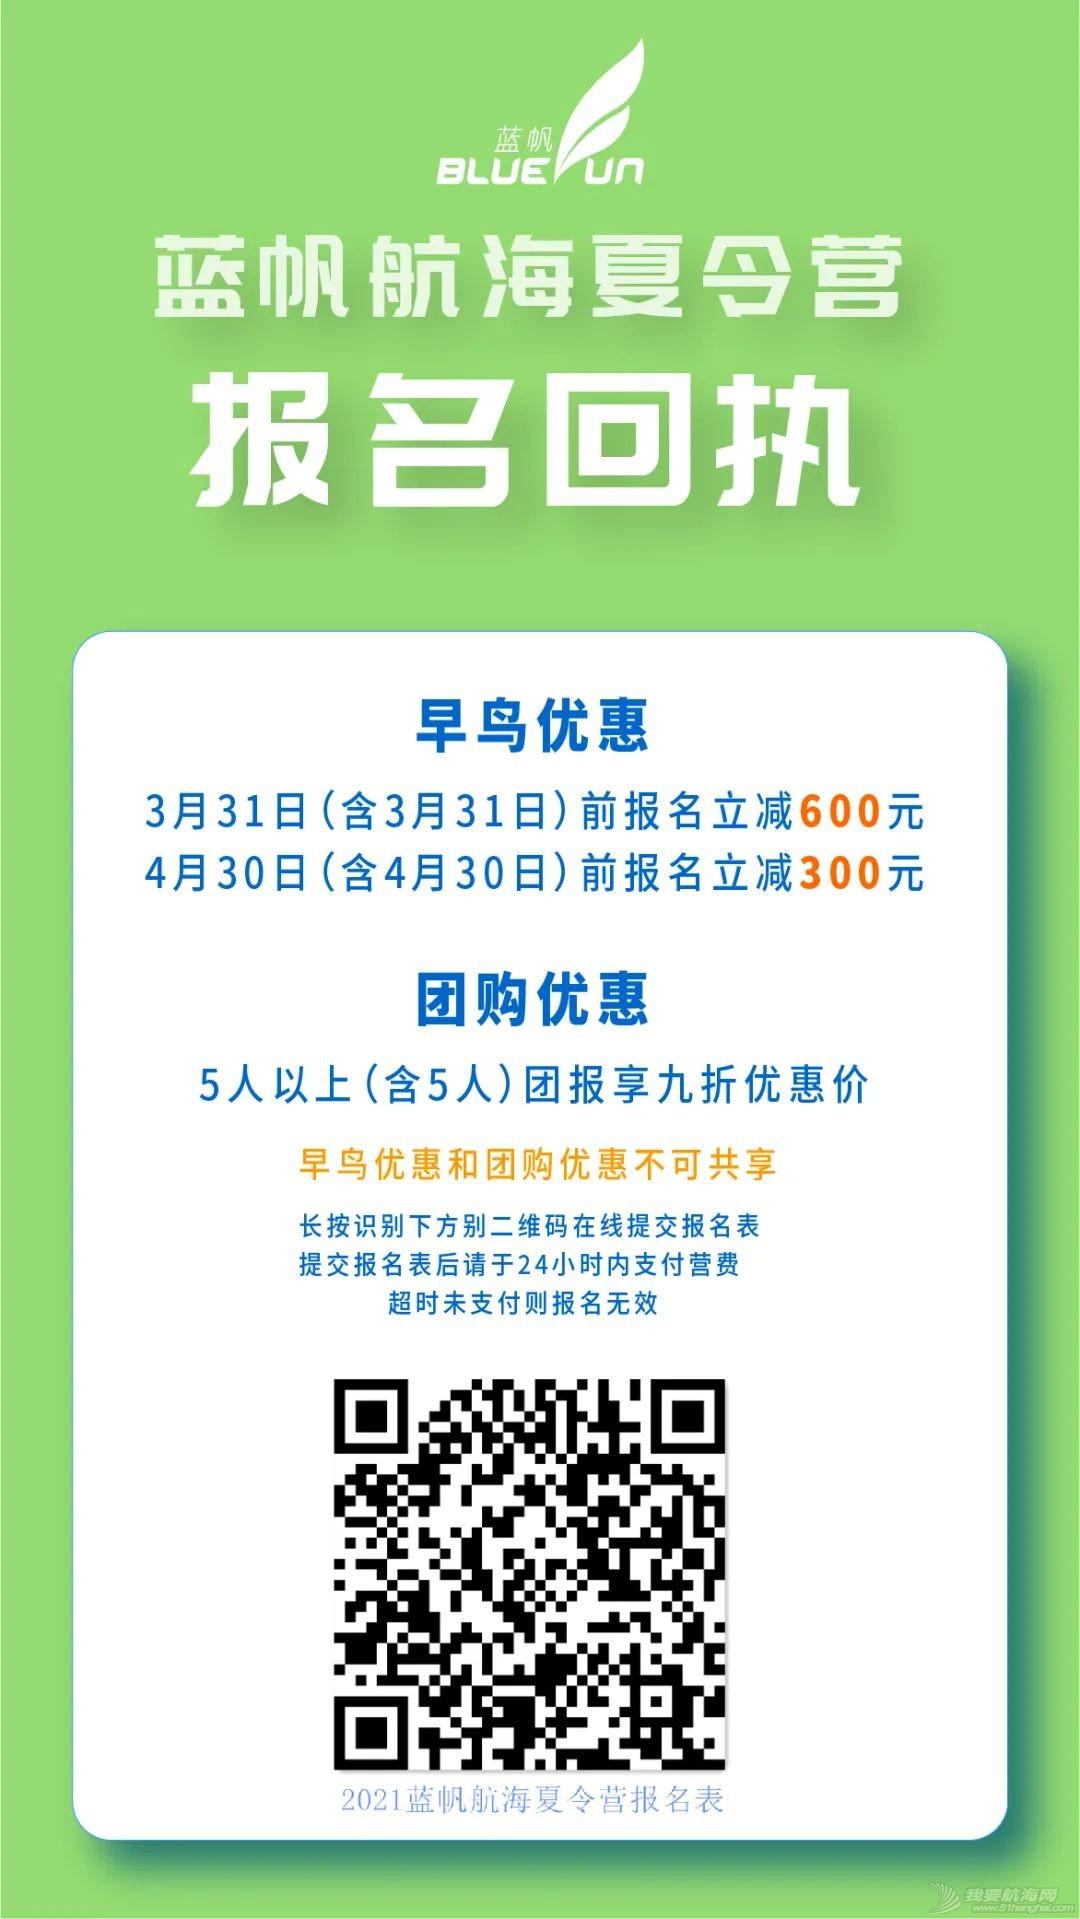 2021帆船夏令营之华南篇|中帆协小帆船认证培训中心营业啦②w36.jpg